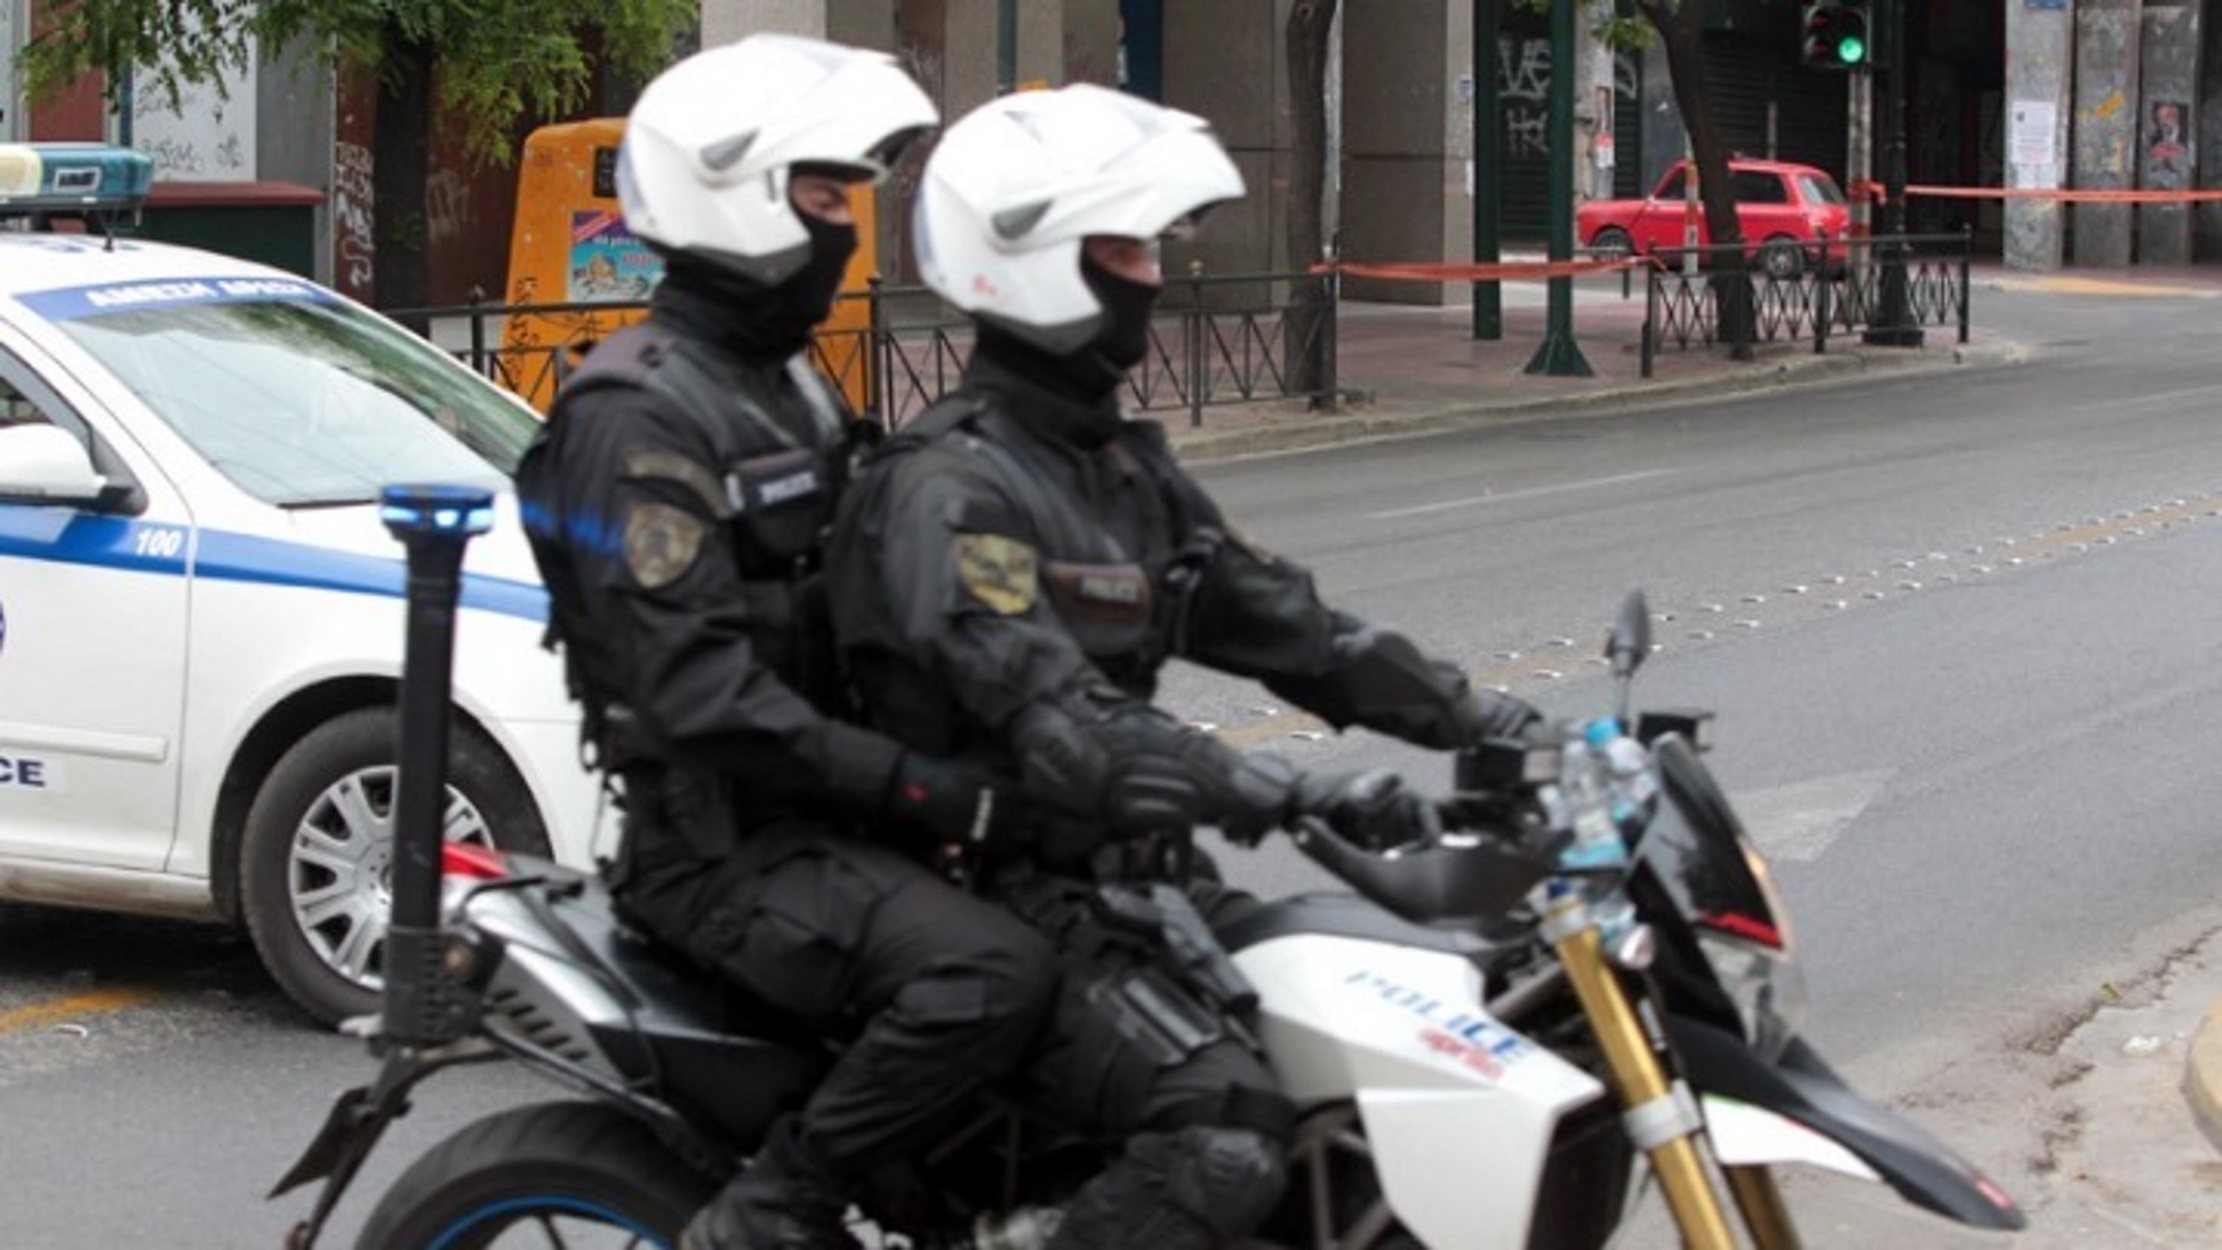 Ρεβεγιόν και εκκλησιασμοί σκόρπισαν τον κορονοϊό και έβαλαν σε σκληρό lockdown τον Δήμο Αλιάρτου – Θεσπιέων